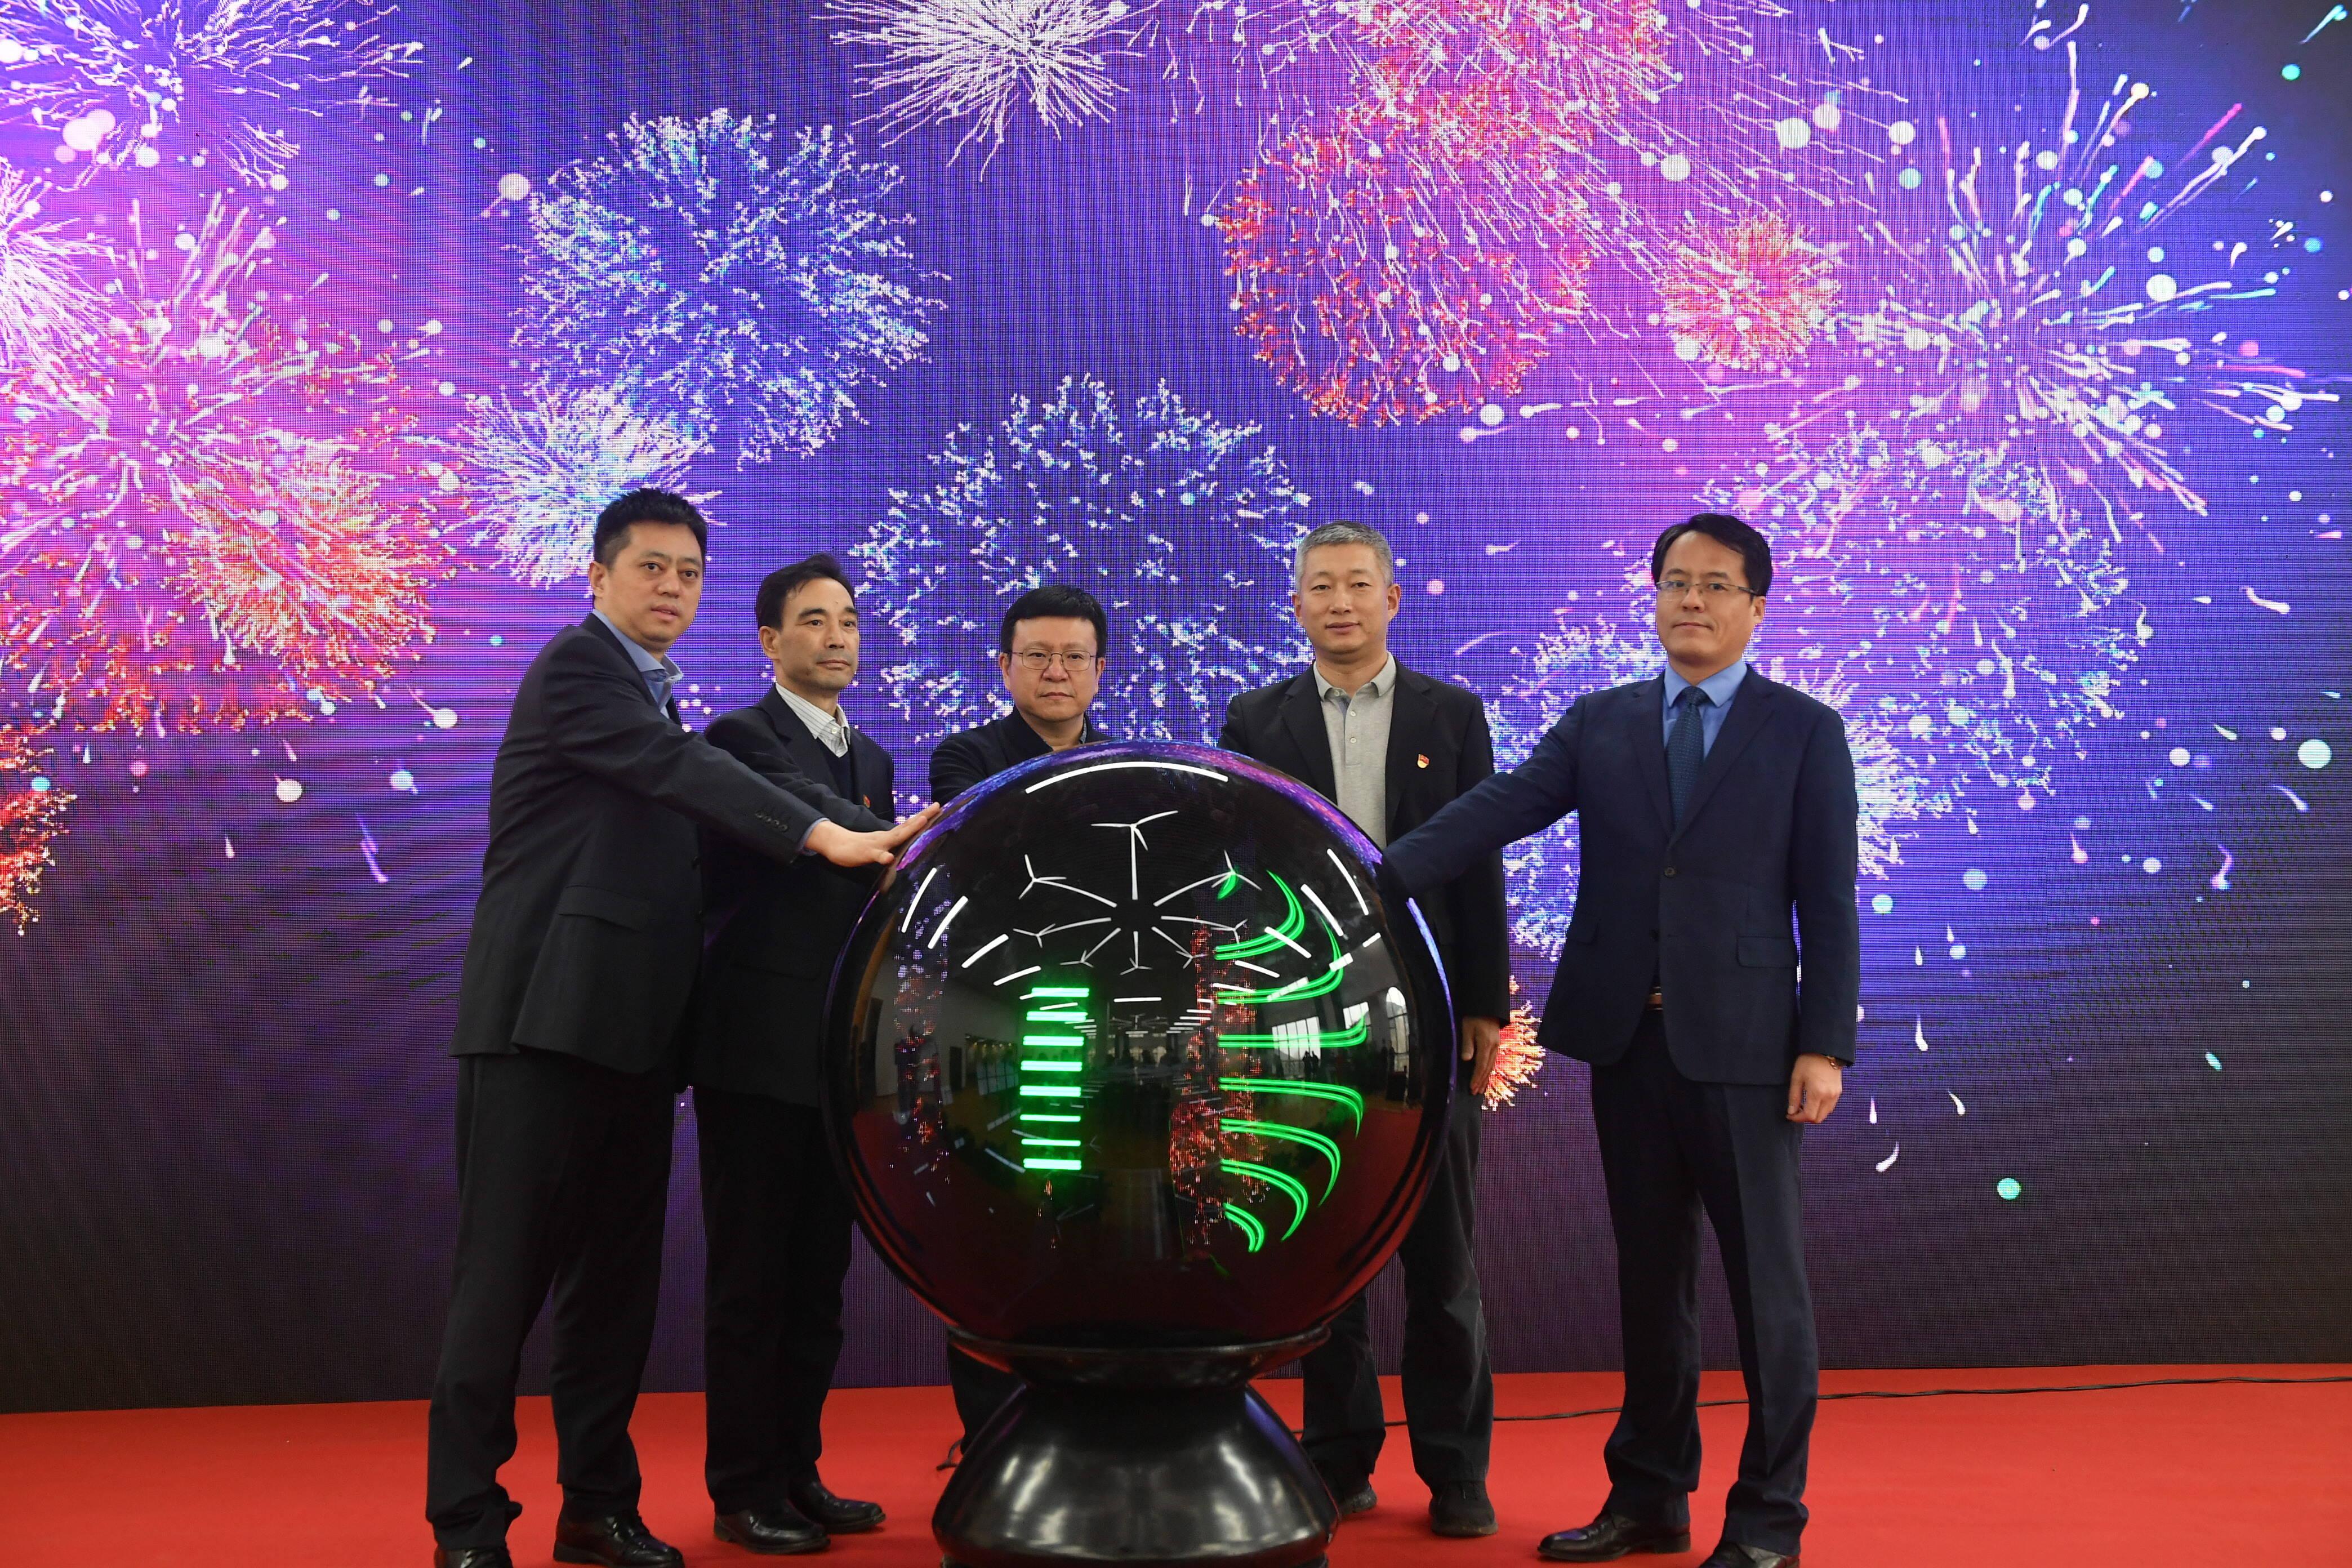 力争实现10个龙头企业区域性总部落户!济南市市中区舜城时代新动能产业园成立